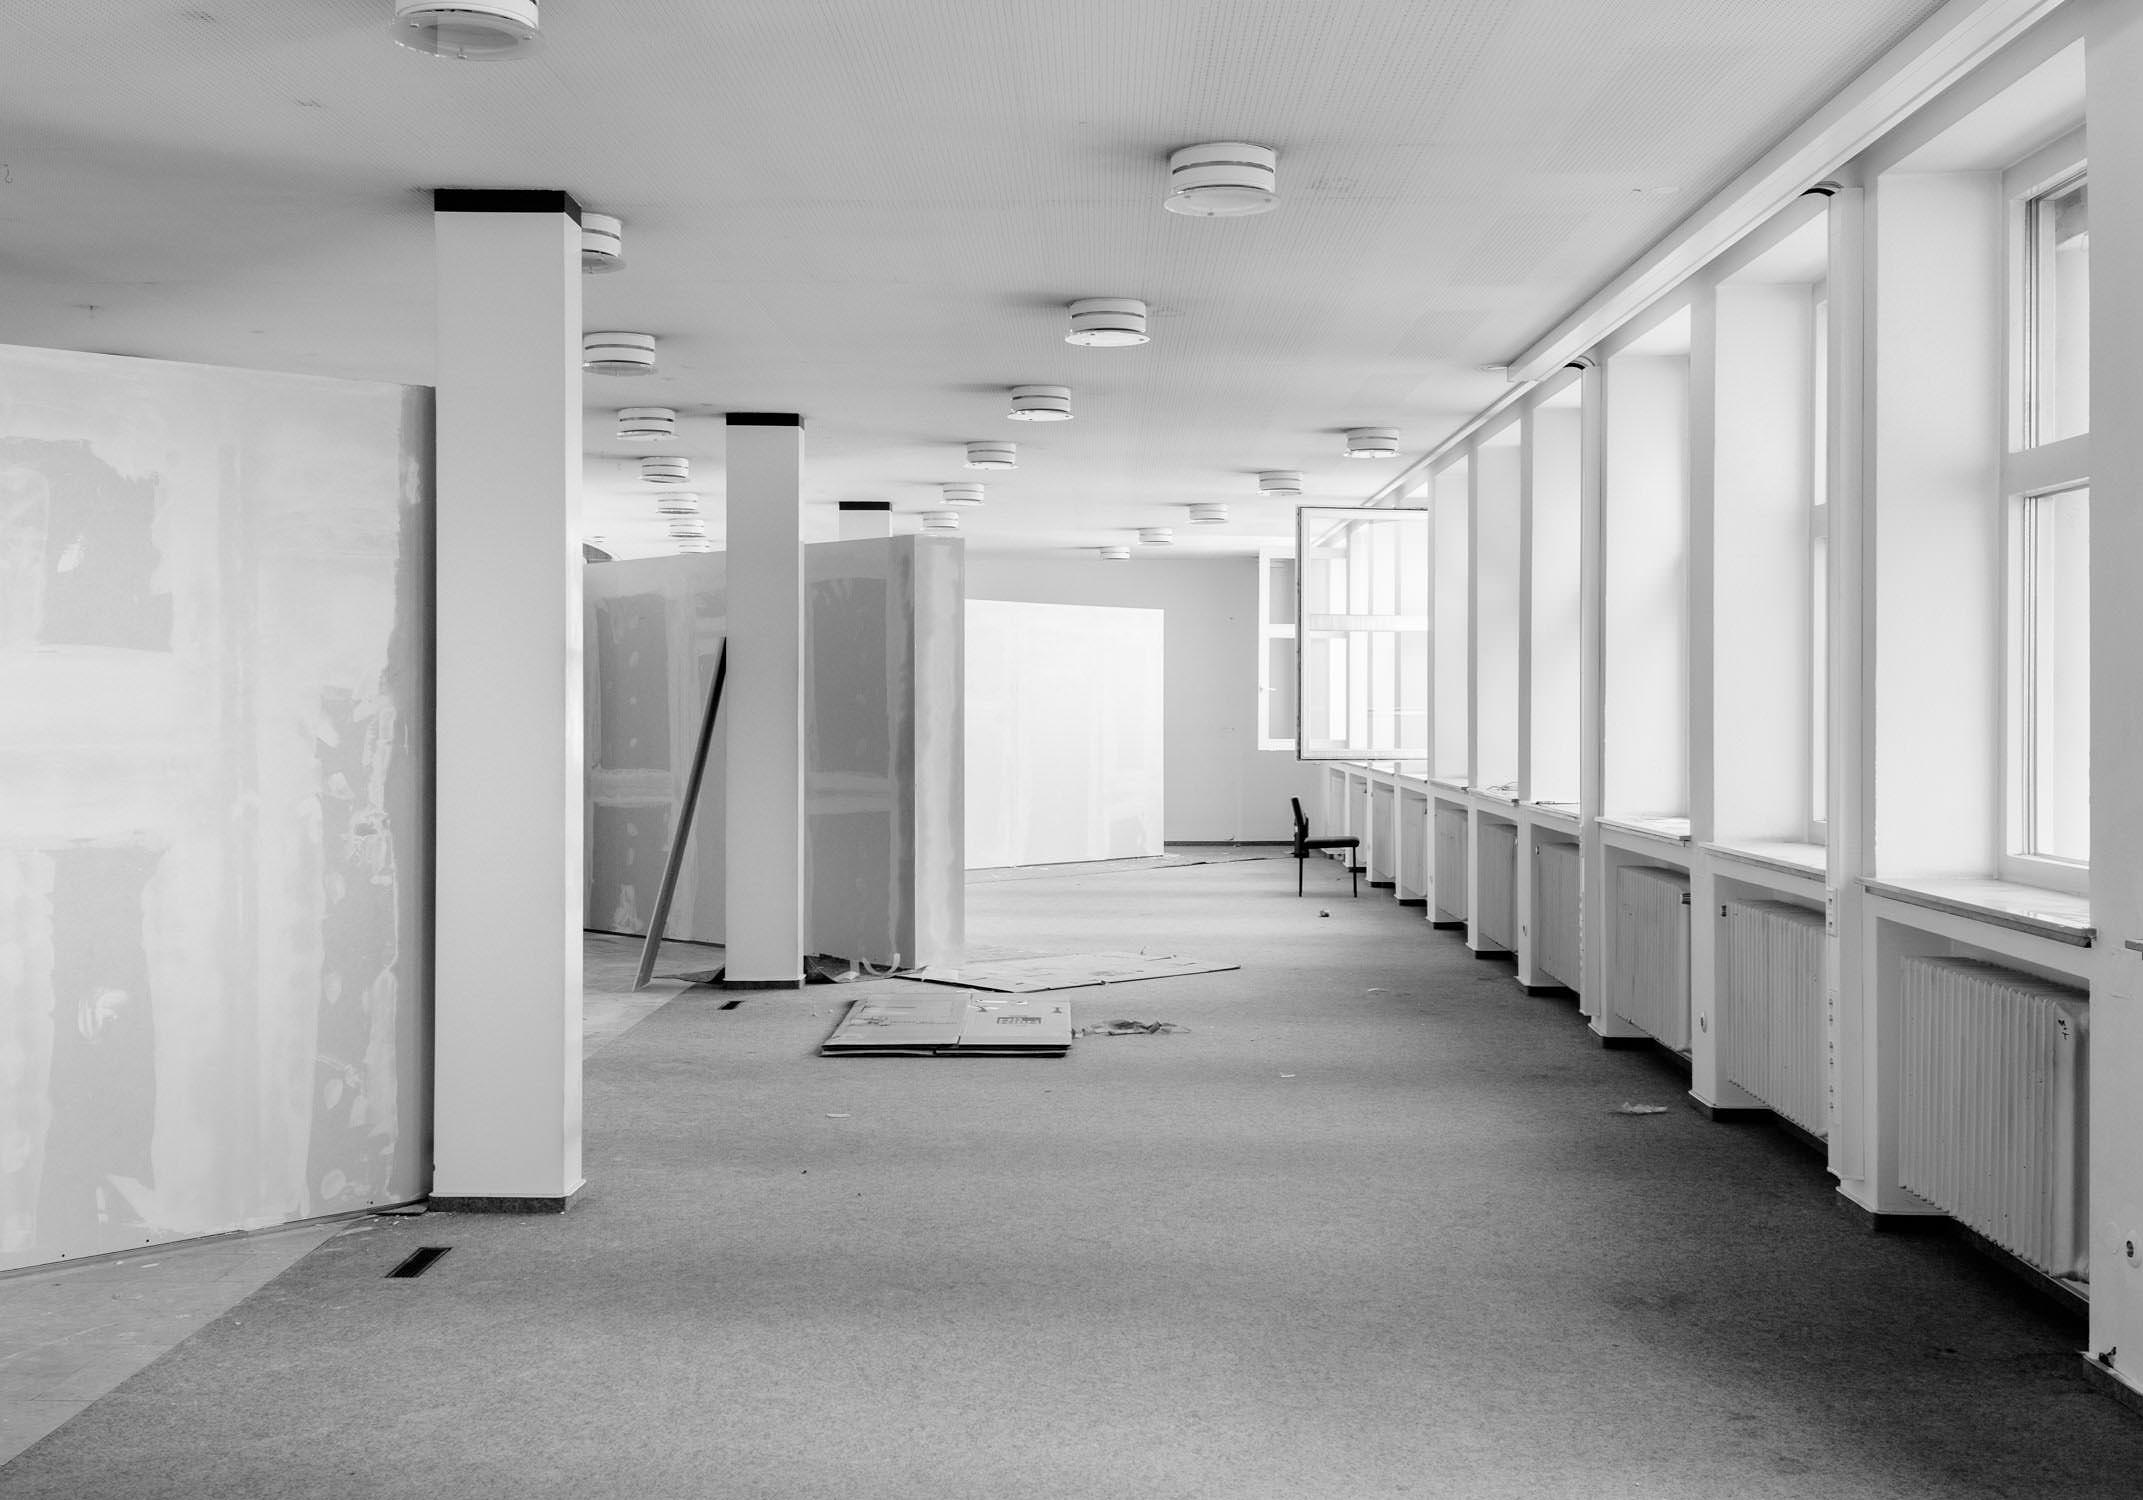 die bielefelder schule ausstellungsraum ausstellung leer aufbau beginn langzeitprojekt Entstehung bielefeld fh gestaltung jörn strojny